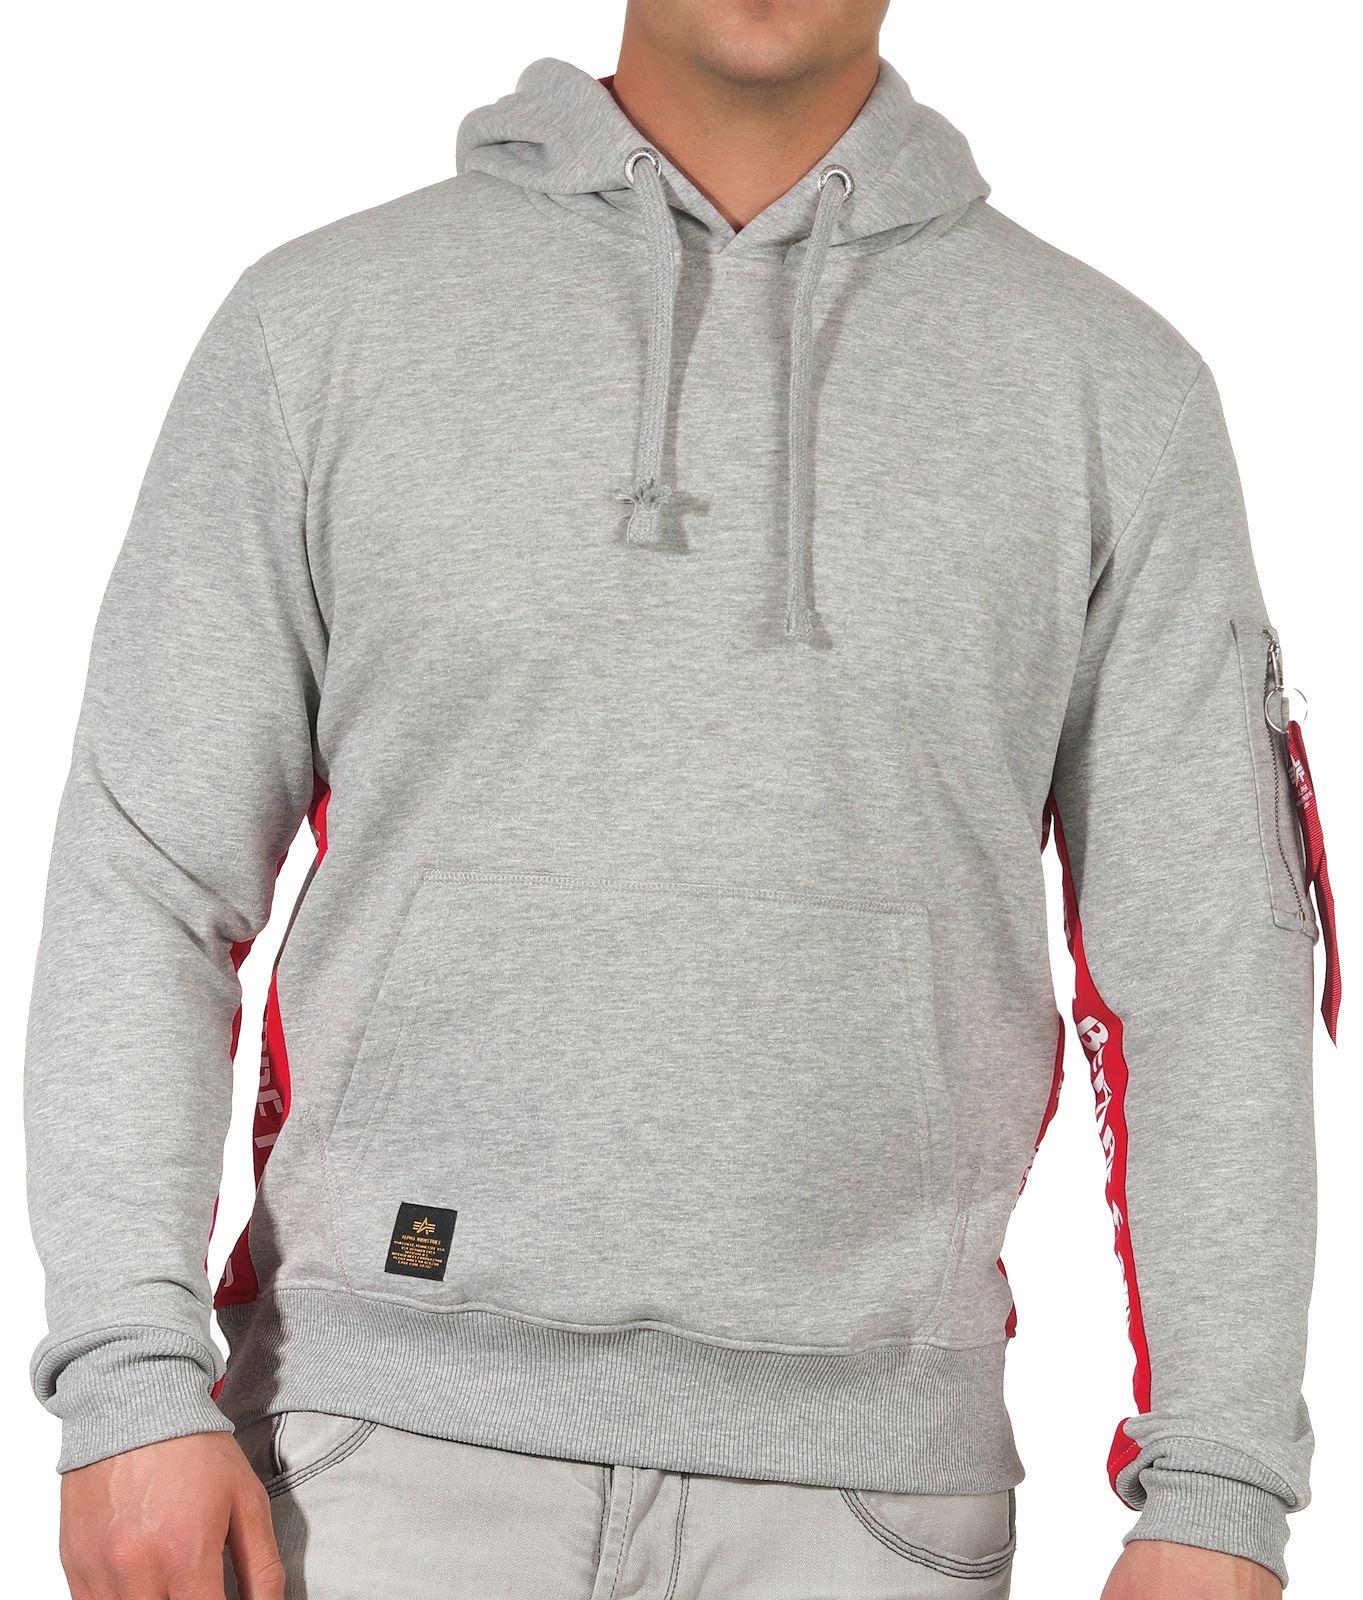 Alpha Industries Herren Kapuzenpullover Pullover Hoodie Sweater 196306